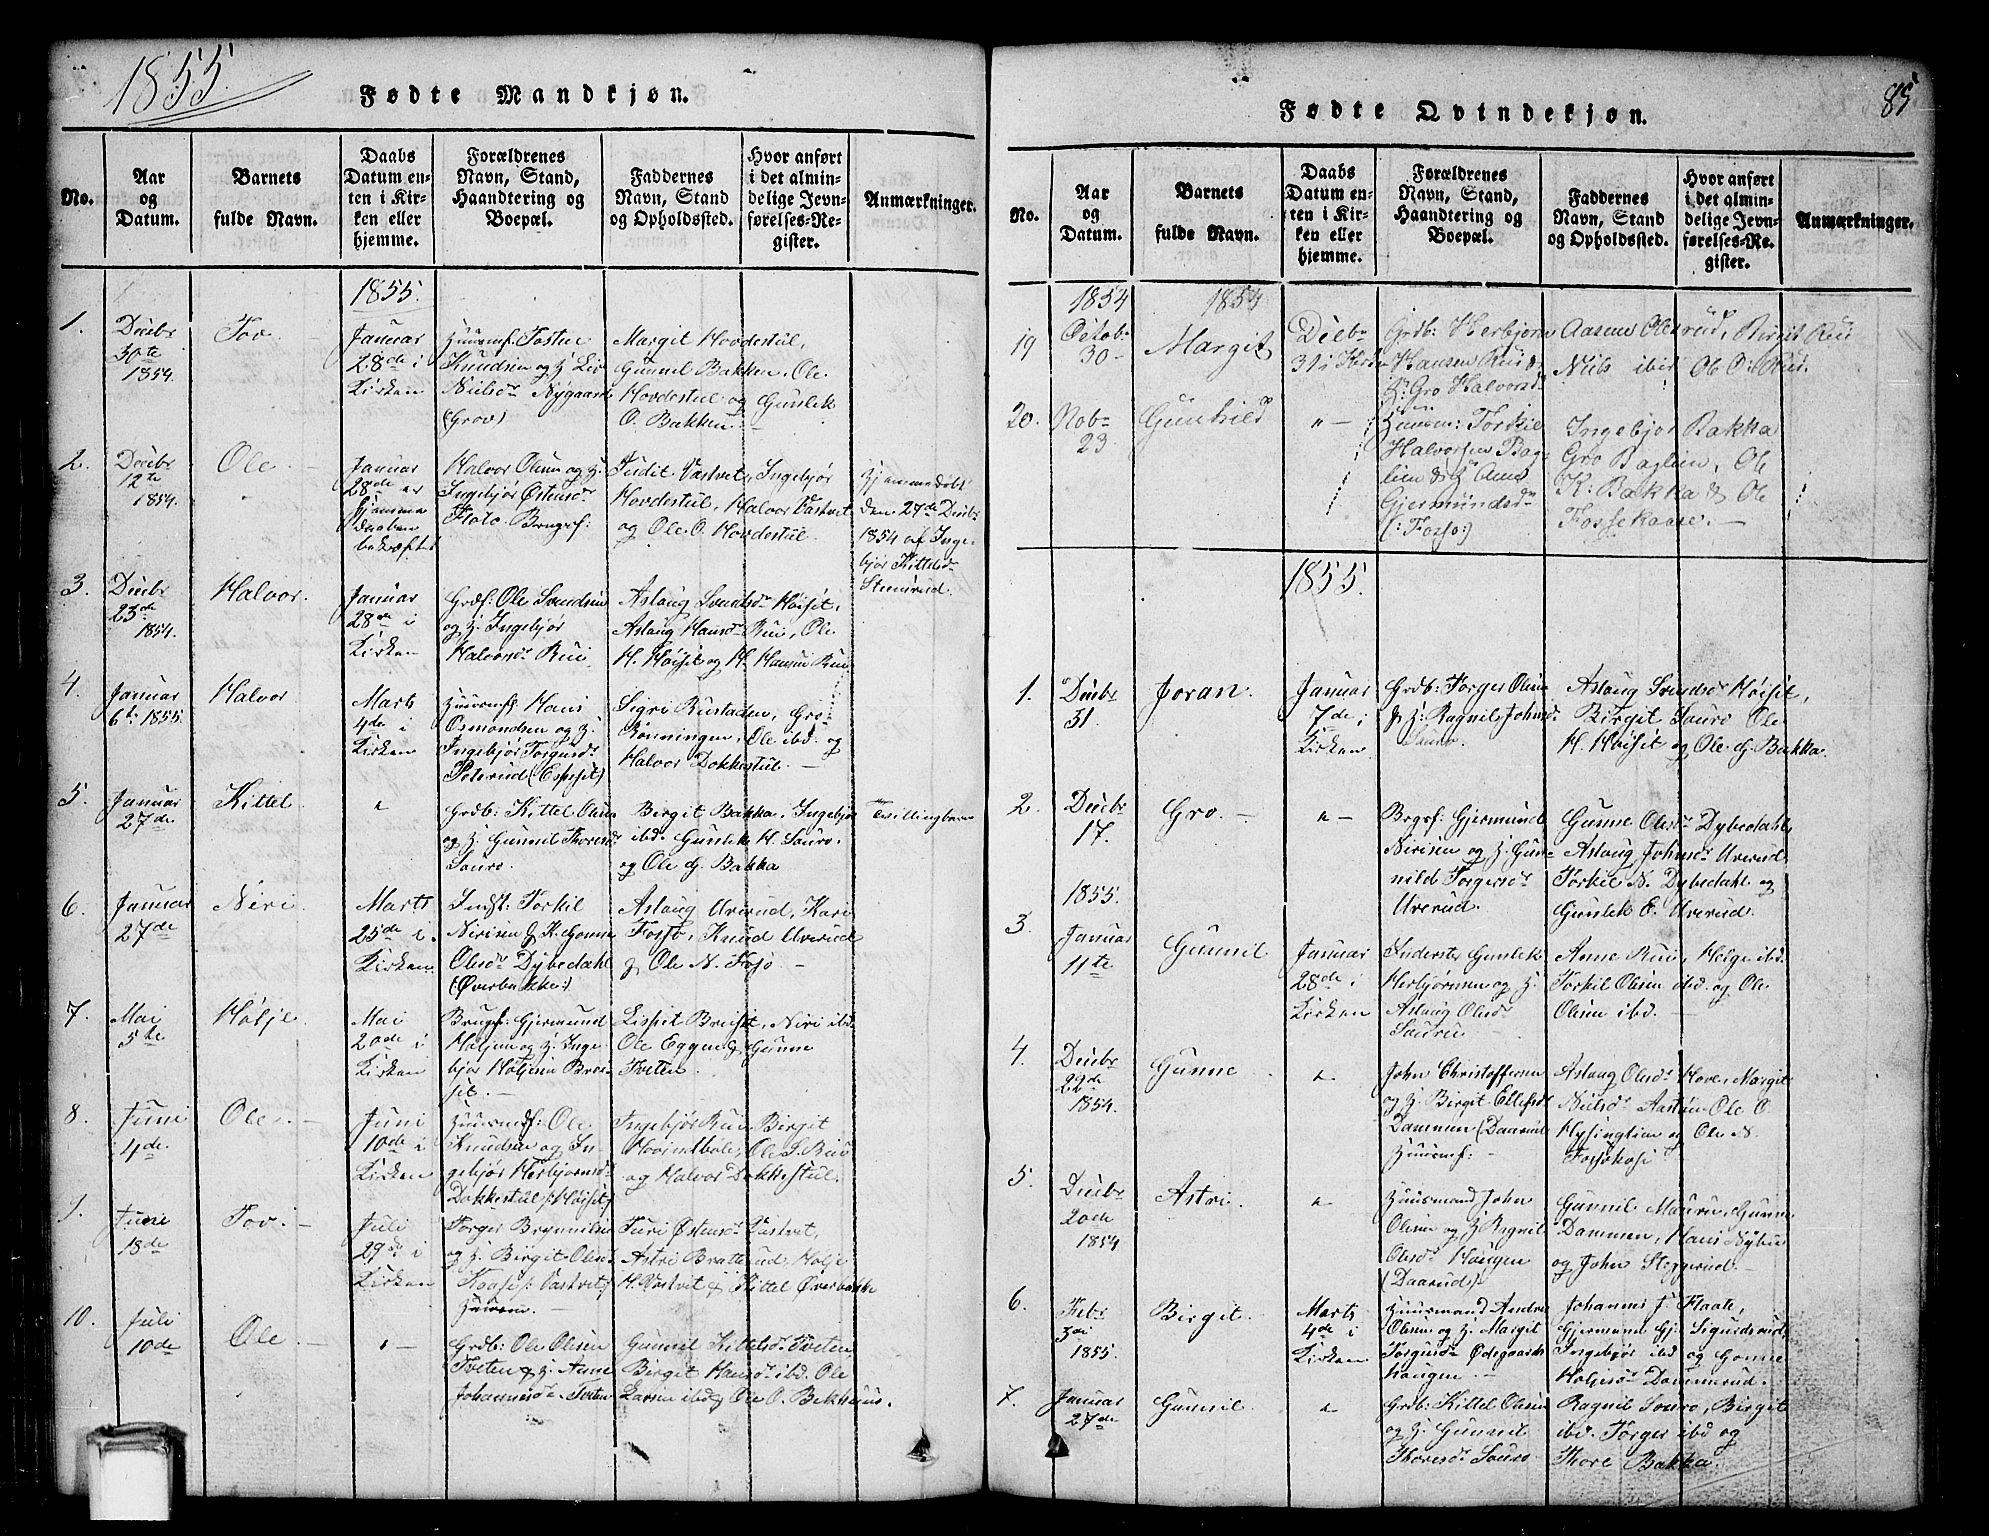 SAKO, Gransherad kirkebøker, G/Gb/L0001: Klokkerbok nr. II 1, 1815-1860, s. 85